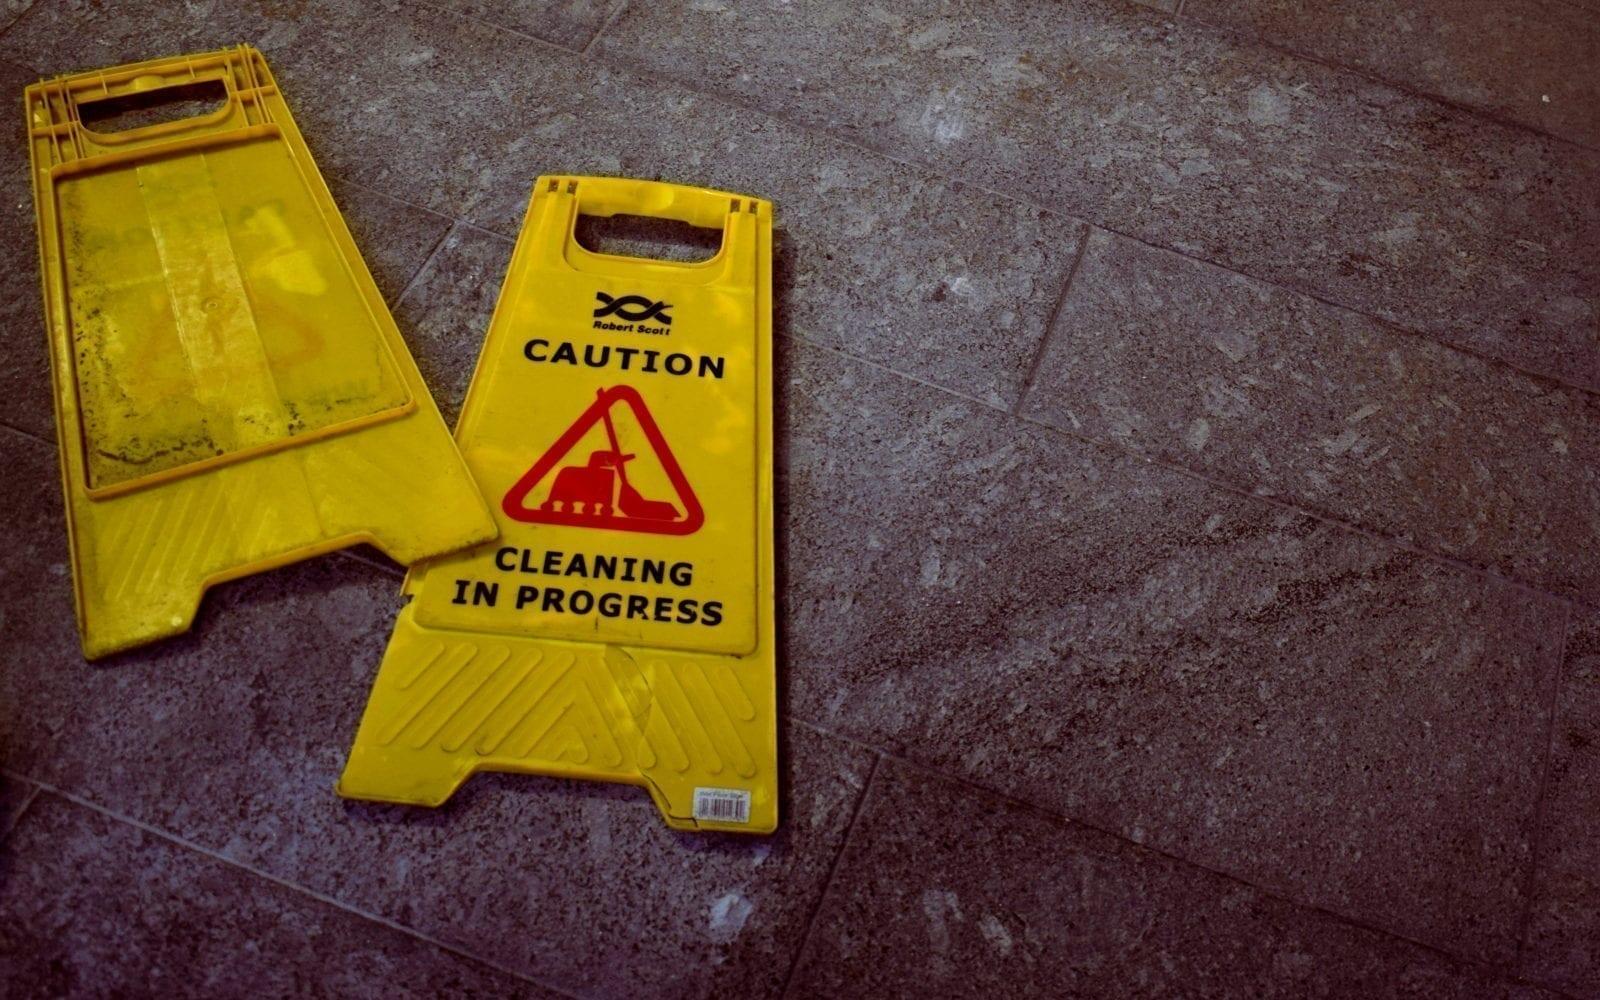 et ødelagt rengjøringsskilt på gulvet